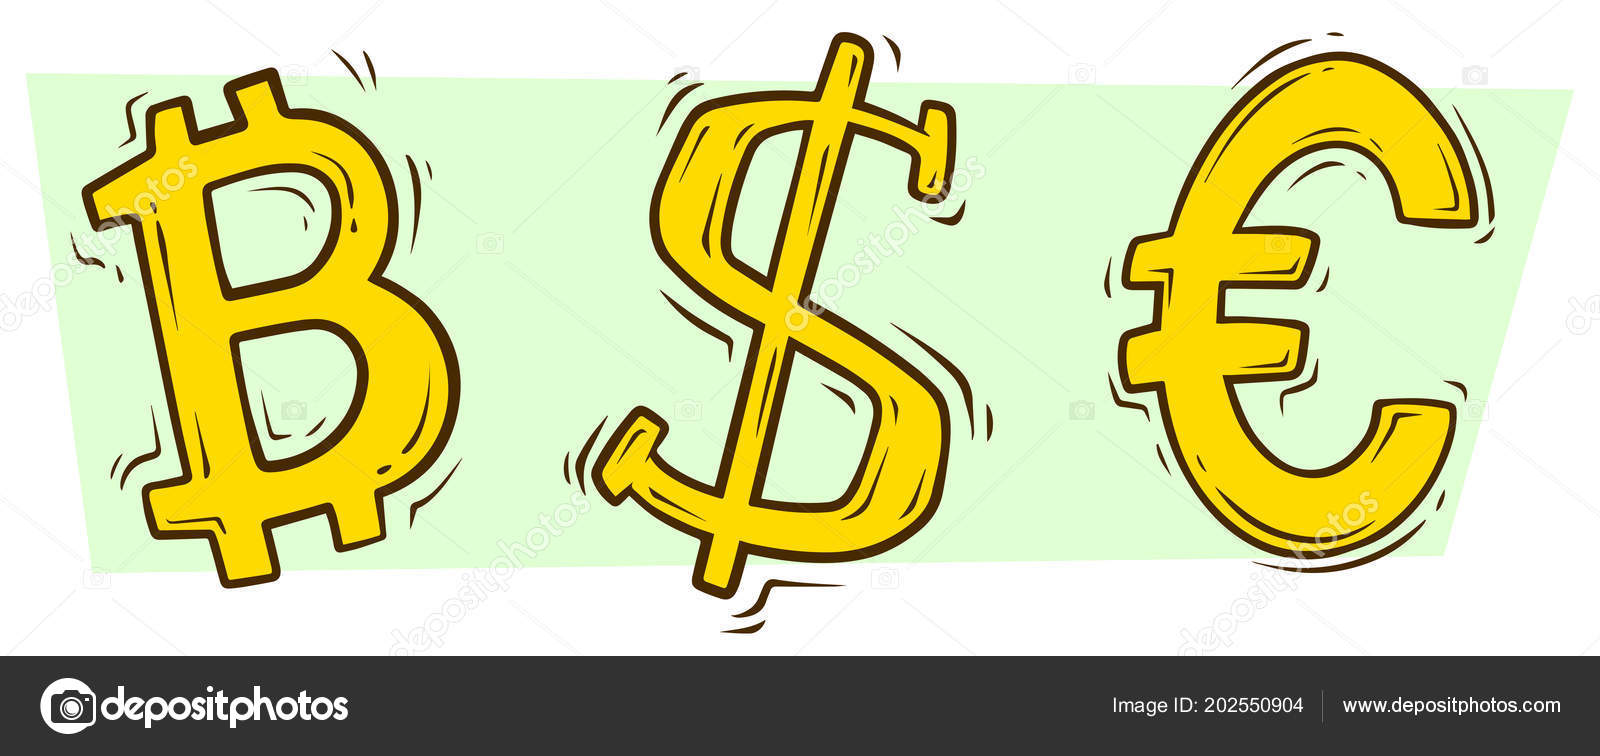 Cartoon Bitcoin Dollar And Euro Sign Vector Set Stock Vector